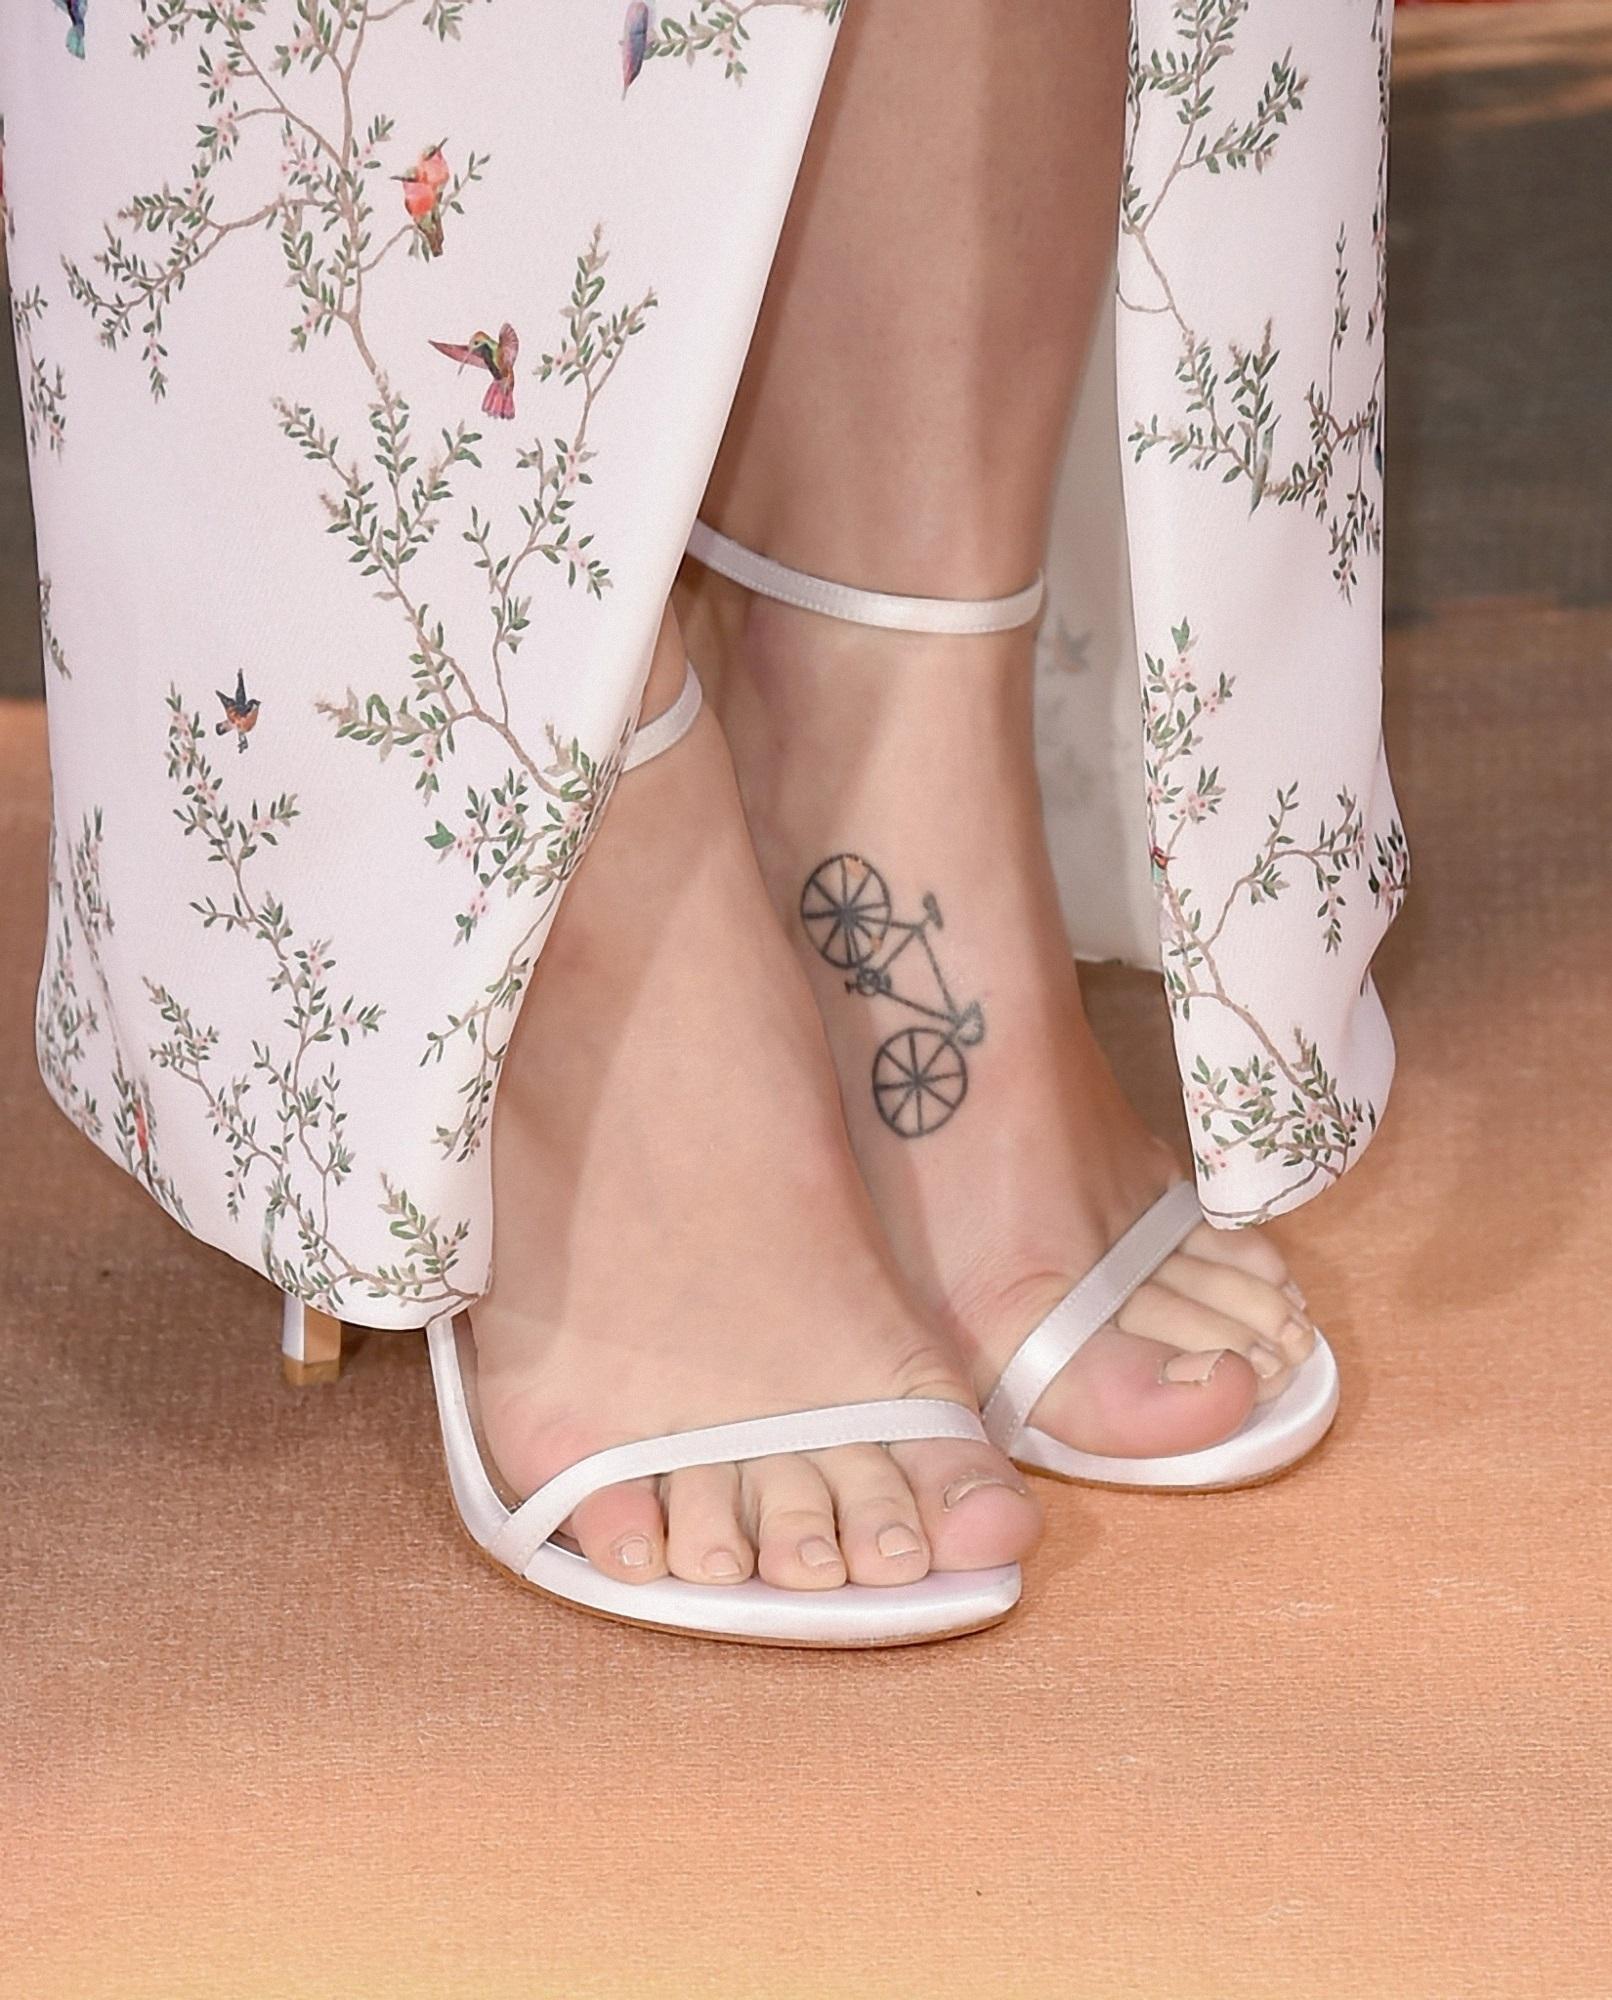 Melissa Benoists Feet